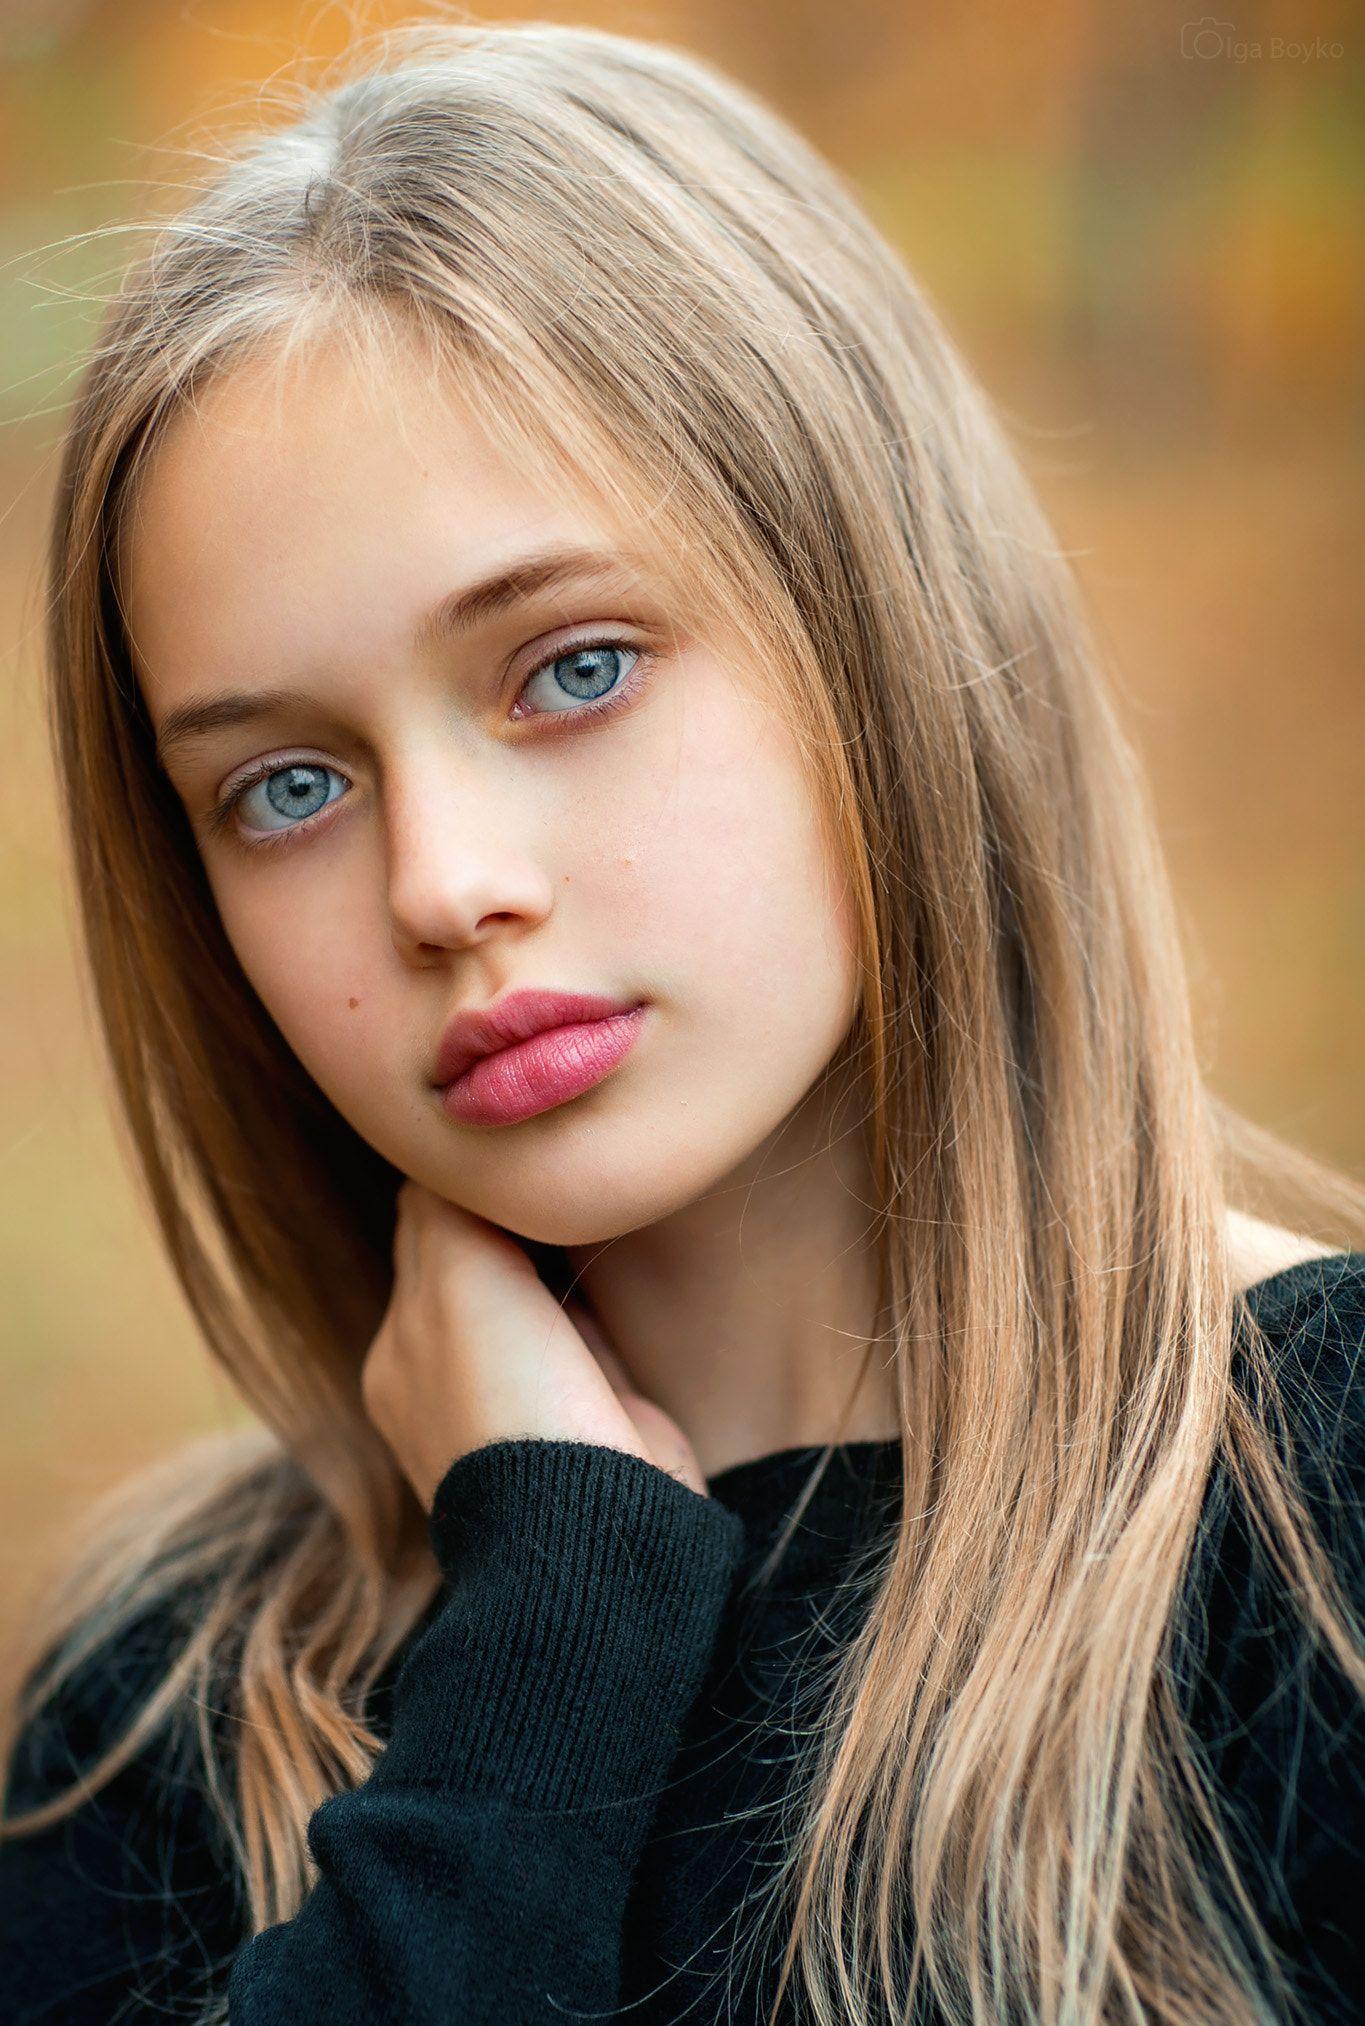 Cute Beautiful Girl Fuck